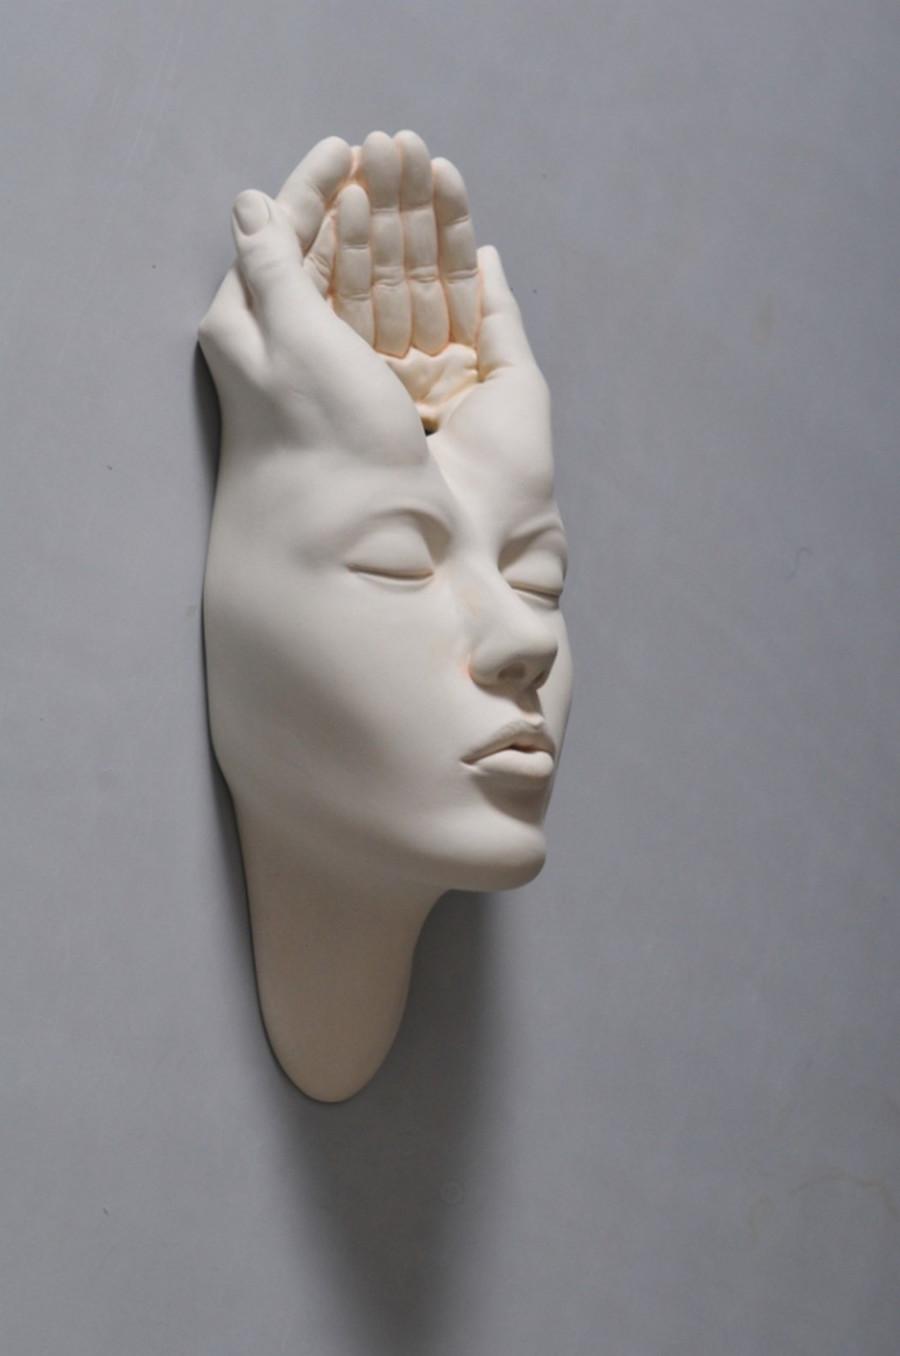 Minti deschise: Sculpturi suprarealiste din portelan - Poza 7